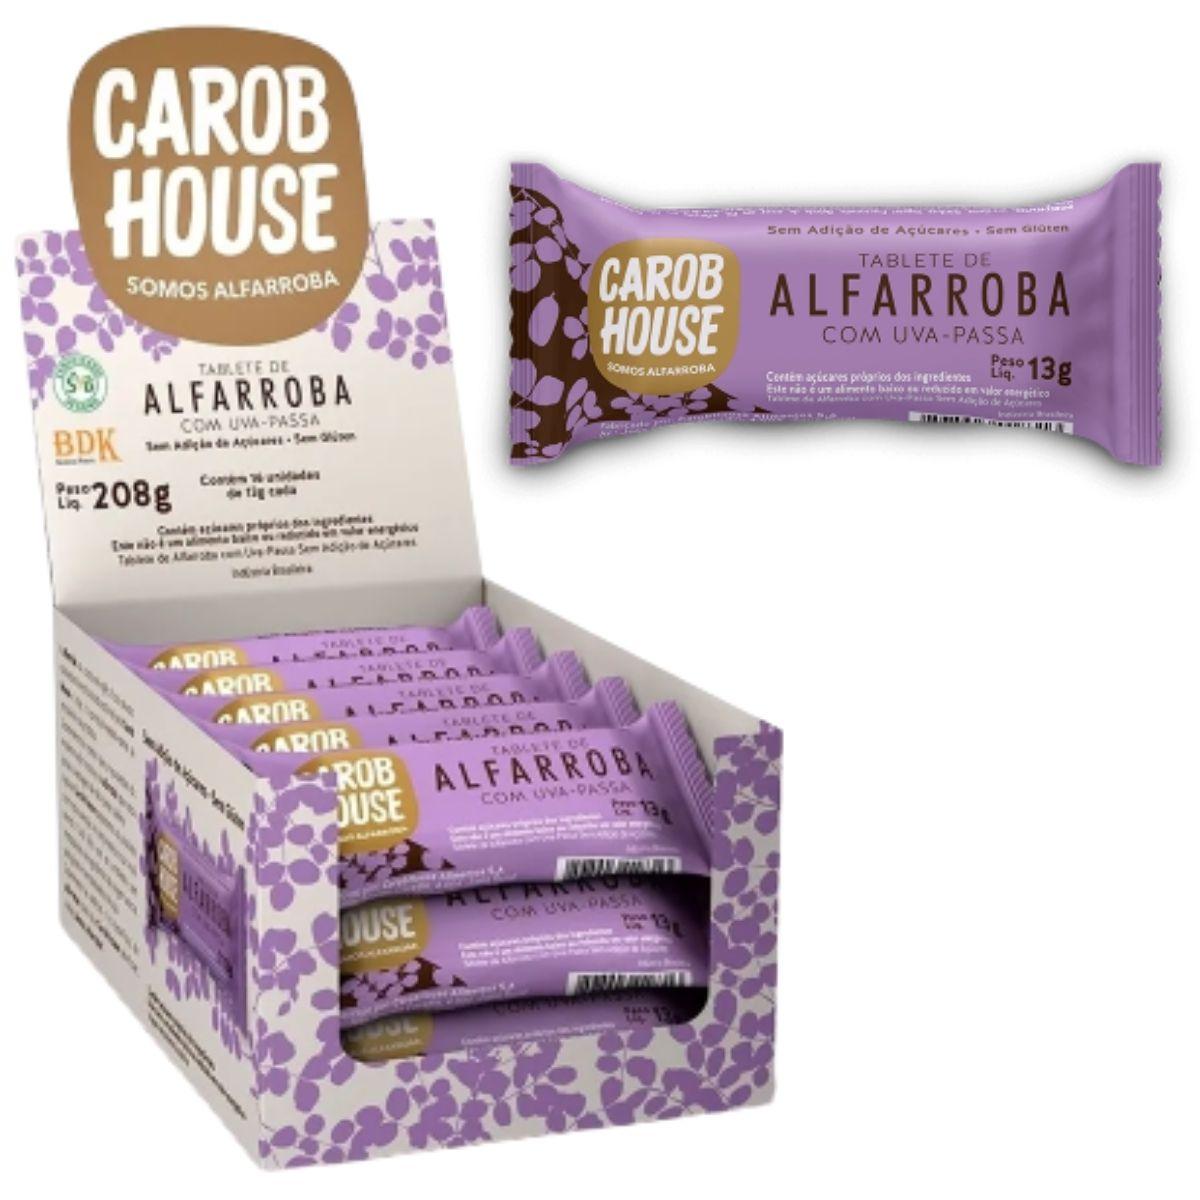 Alfarroba Com Uva Passa 13g Caixa C/ 16 Tabletes - Carob House